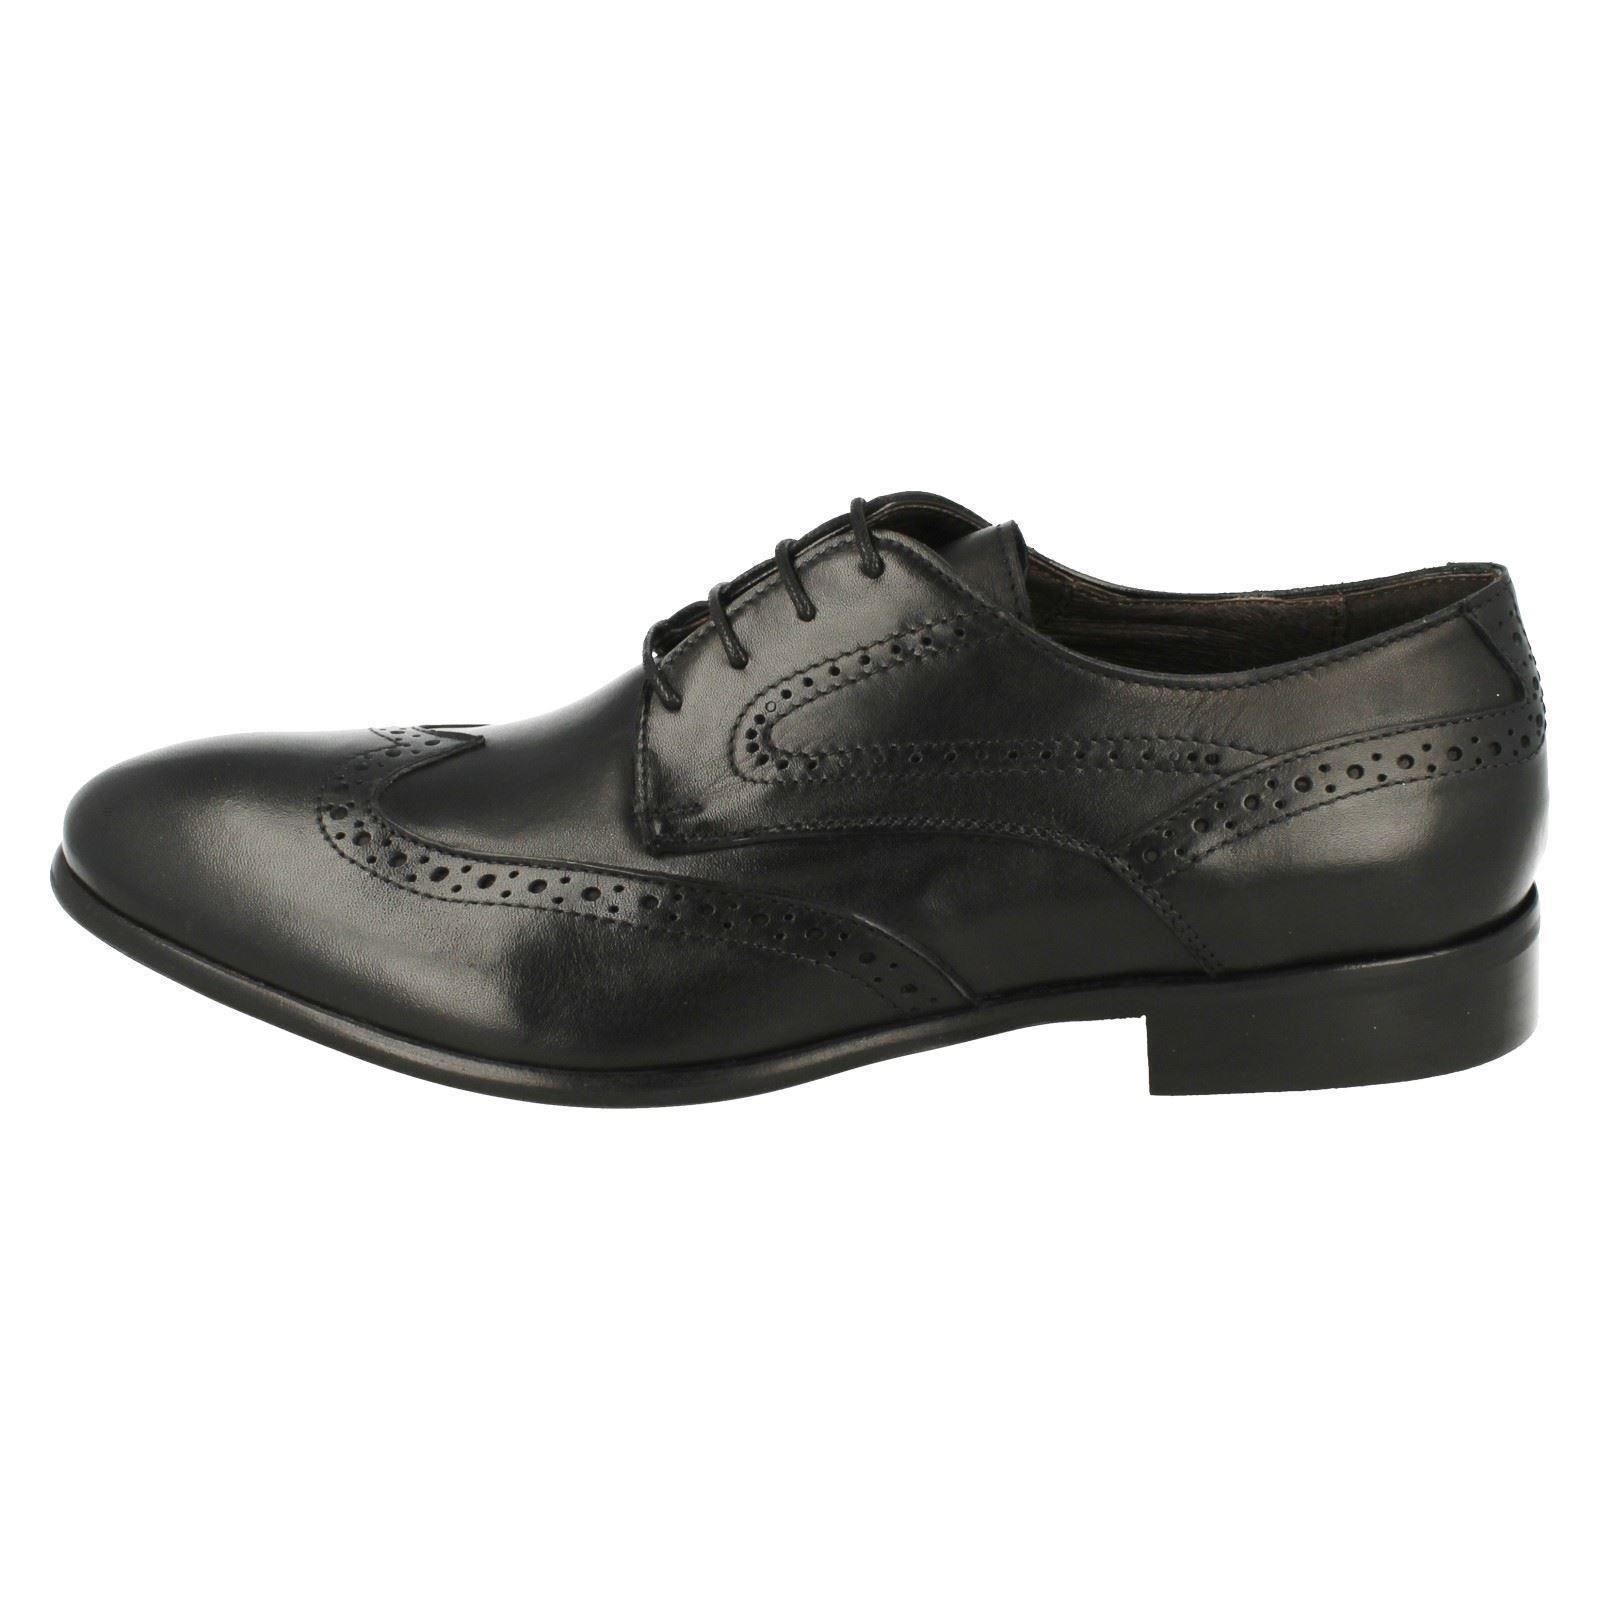 Homme Femme Homme Homme Morena Style-FA-B2423 Gabbrielli Chaussures Style-FA-B2423 Morena économique Couleurs vives Très bonne couleur fa659c